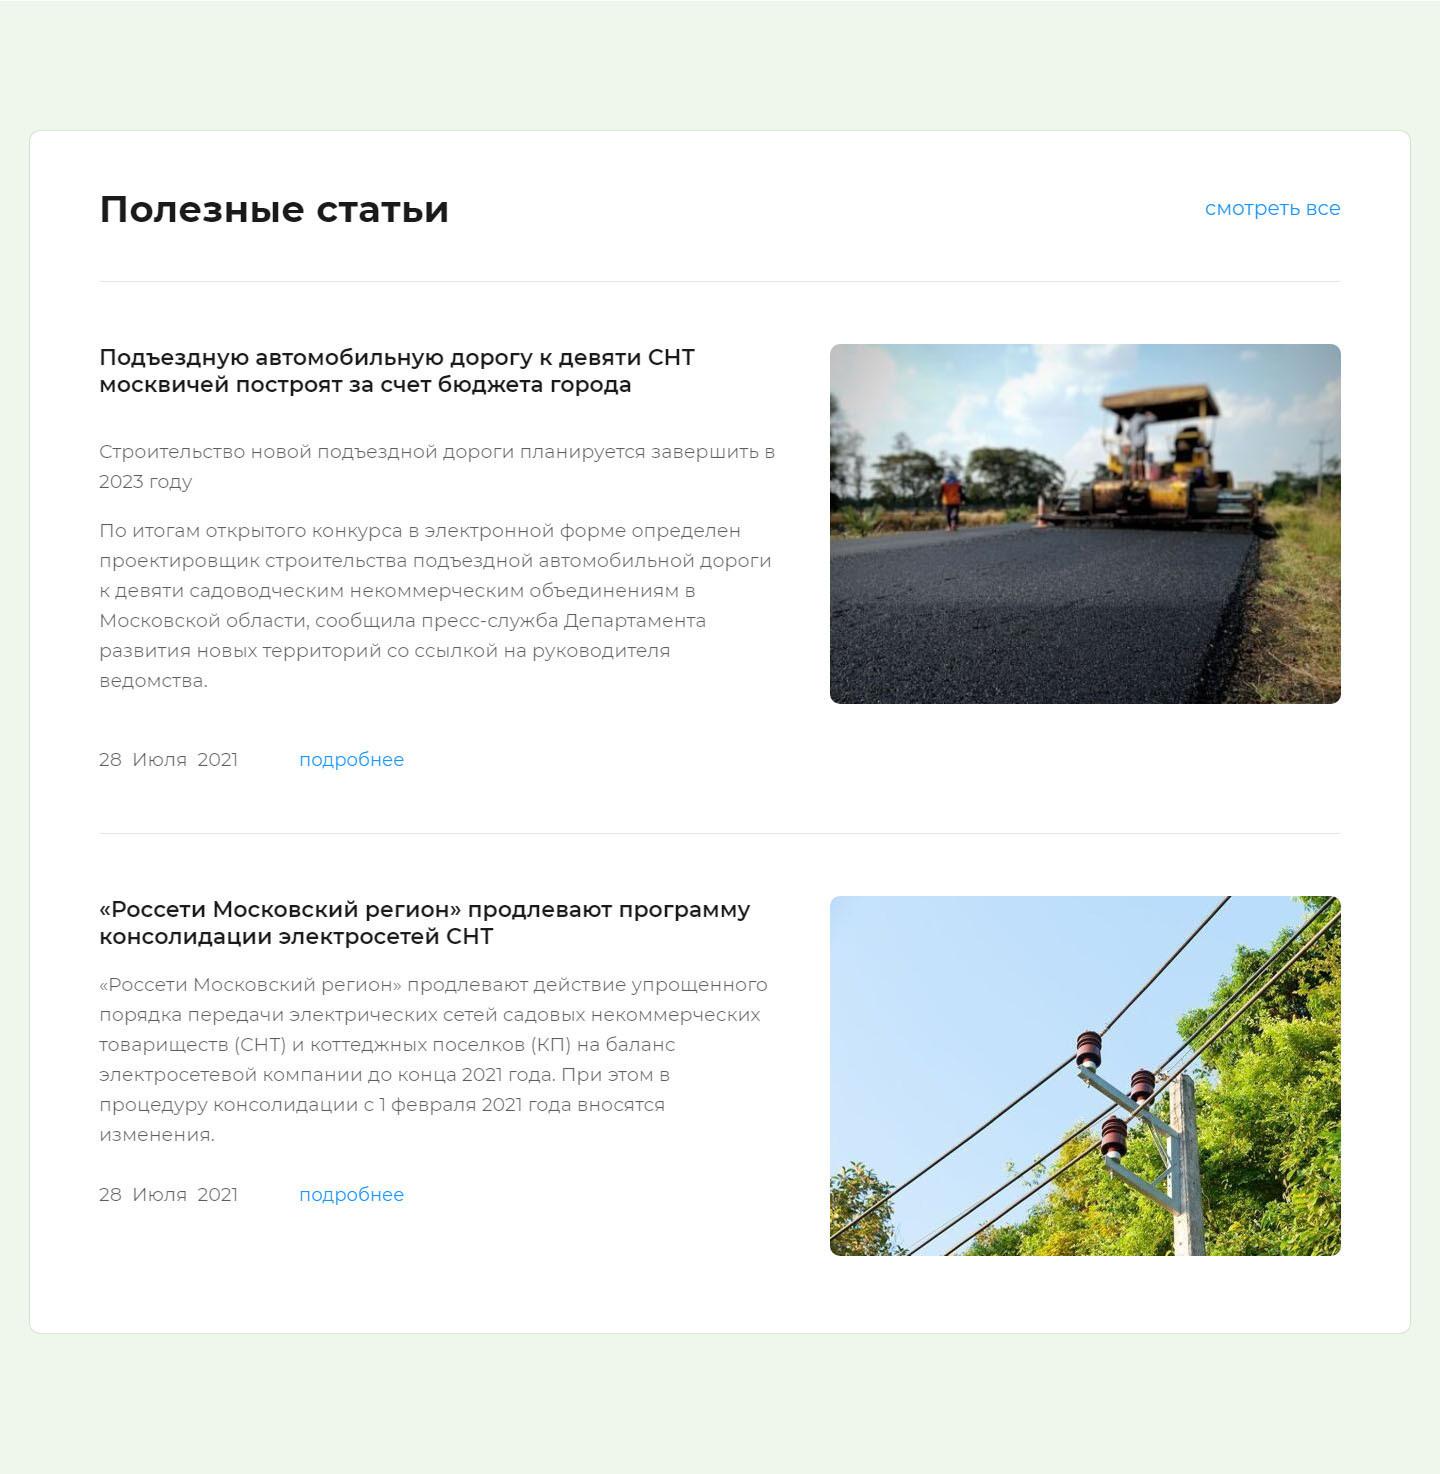 Готовый Сайт-Бизнес #3215193 - Садовое некоммерческое товарищество (СНТ) (Блог компании)